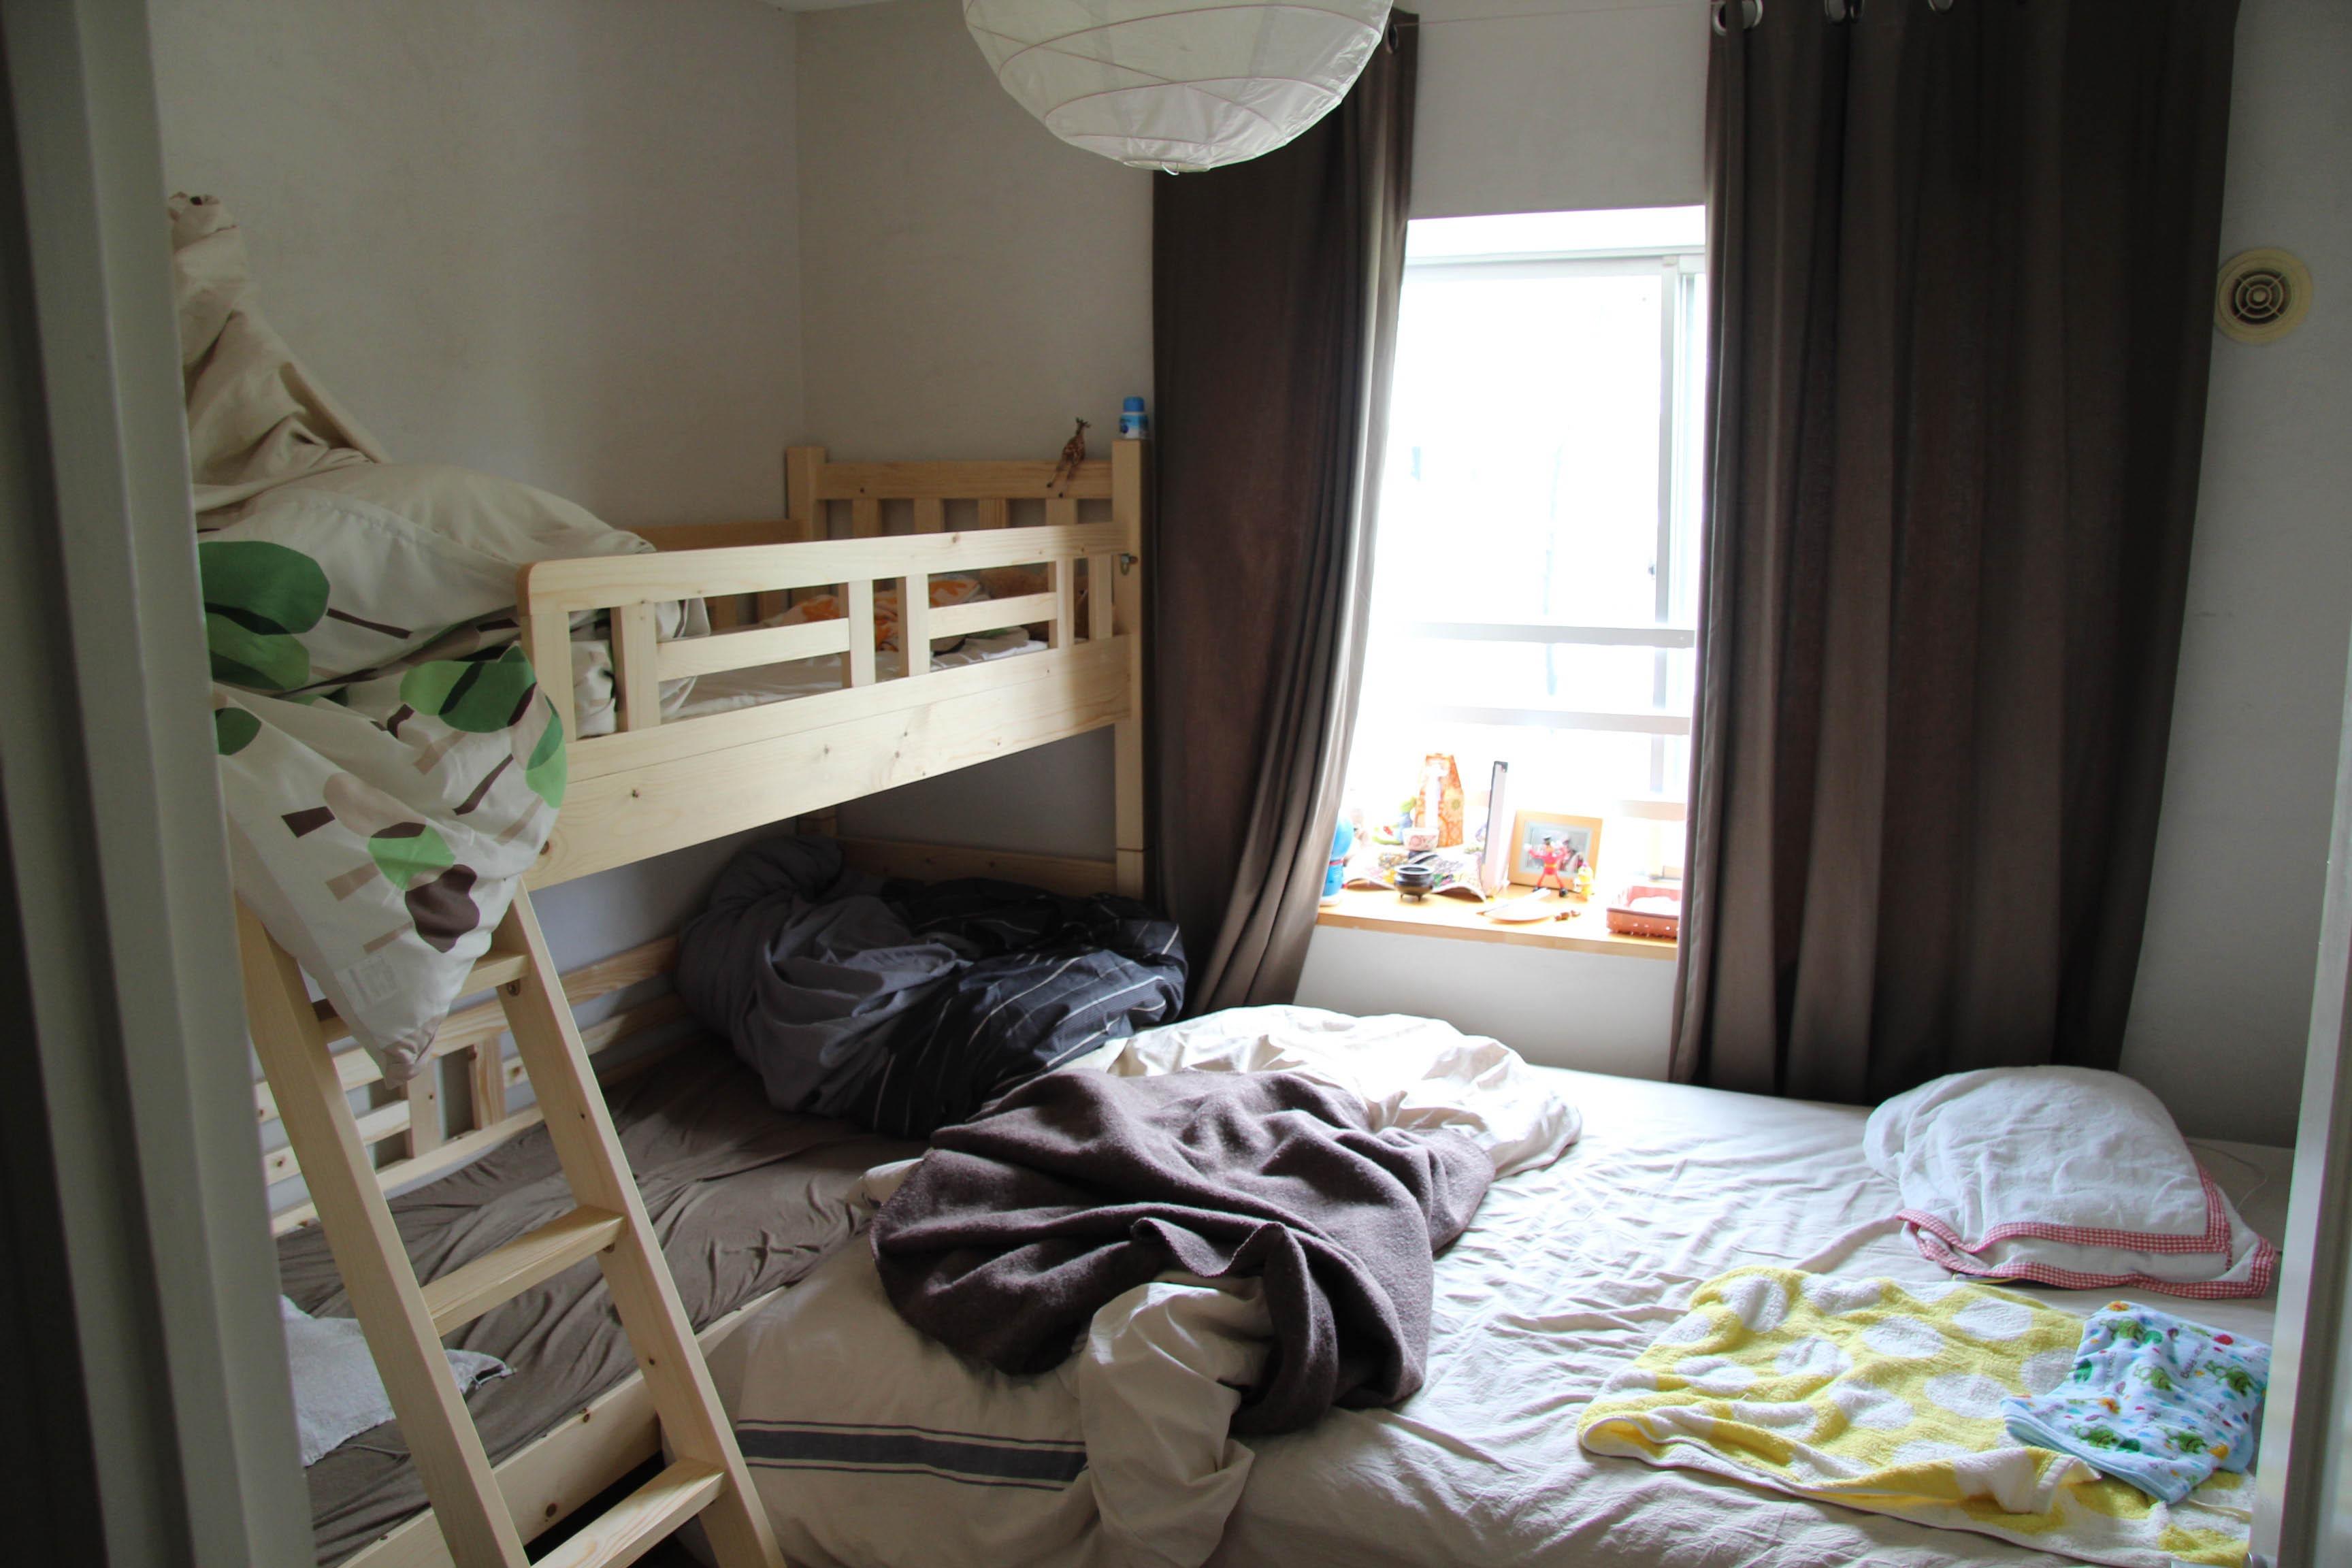 寝室には遮熱カーテンが良い? 前編   勝手にライトニング!